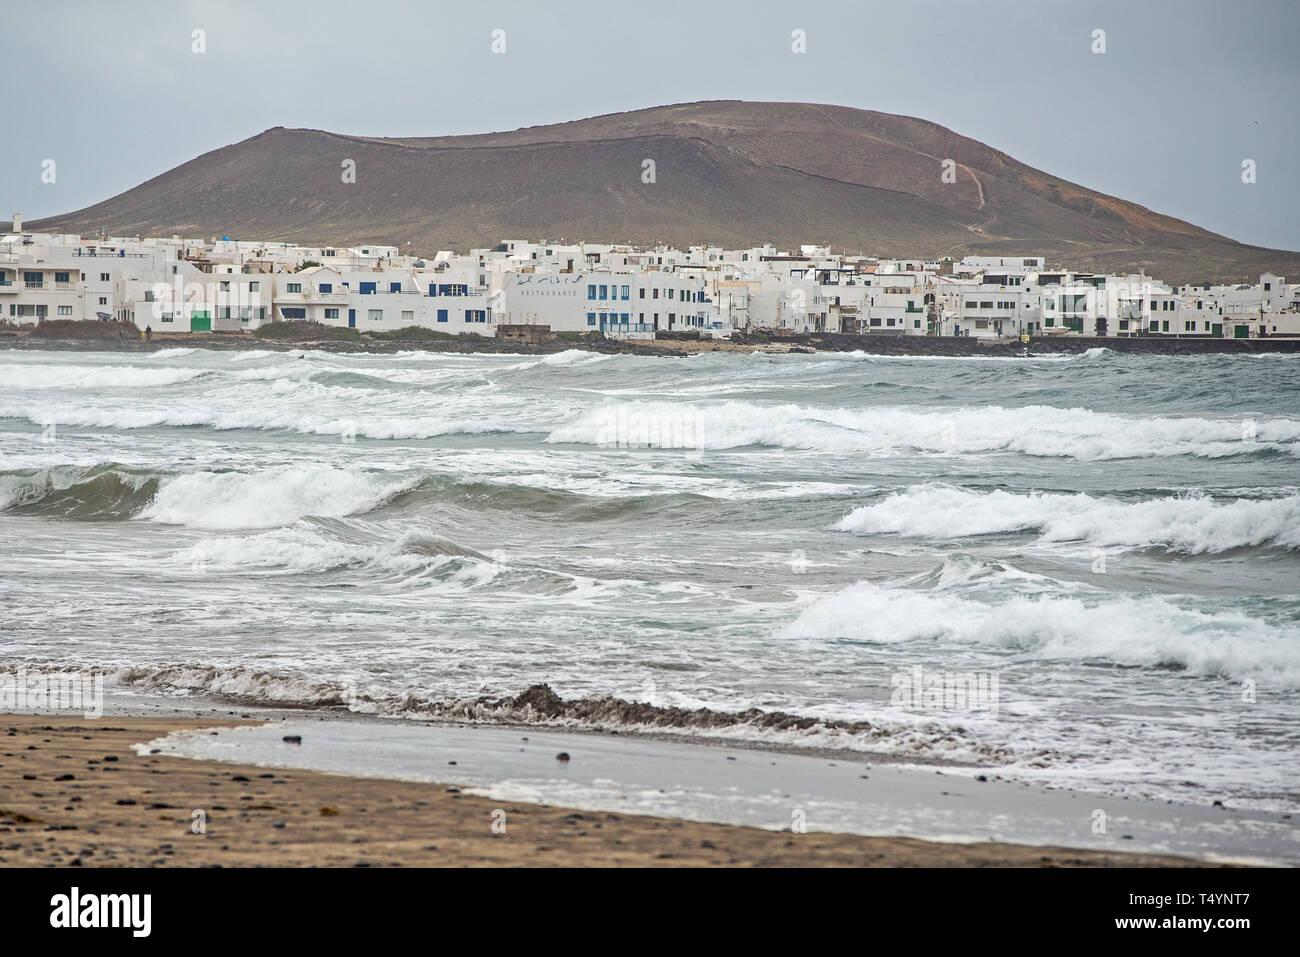 Un giorno di tempesta a Caleta de Famara, sull'isola di Lanzarote, un famoso punto surf Immagini Stock